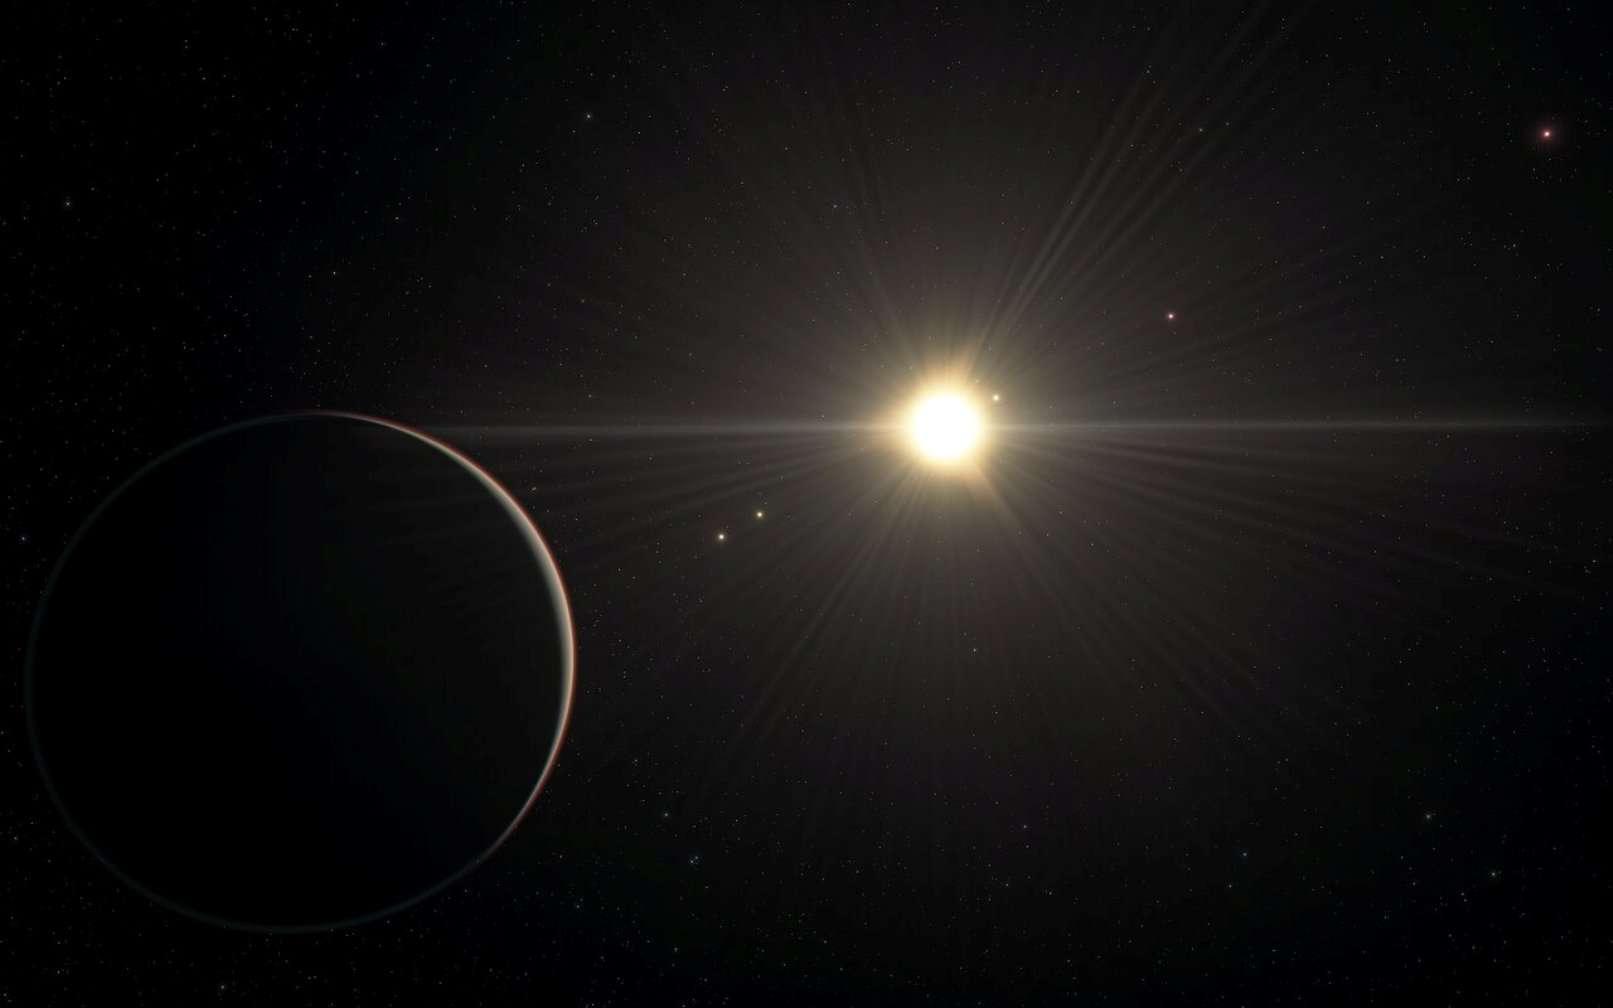 Cette vue d'artiste représente la vue du système TOI-178 depuis la planète la plus éloignée. Elle se base sur notre connaissance des paramètres physiques des planètes et de l'étoile observées, et utilise une base de données étendue des objets de l'Univers. © ESO/L. Calçada